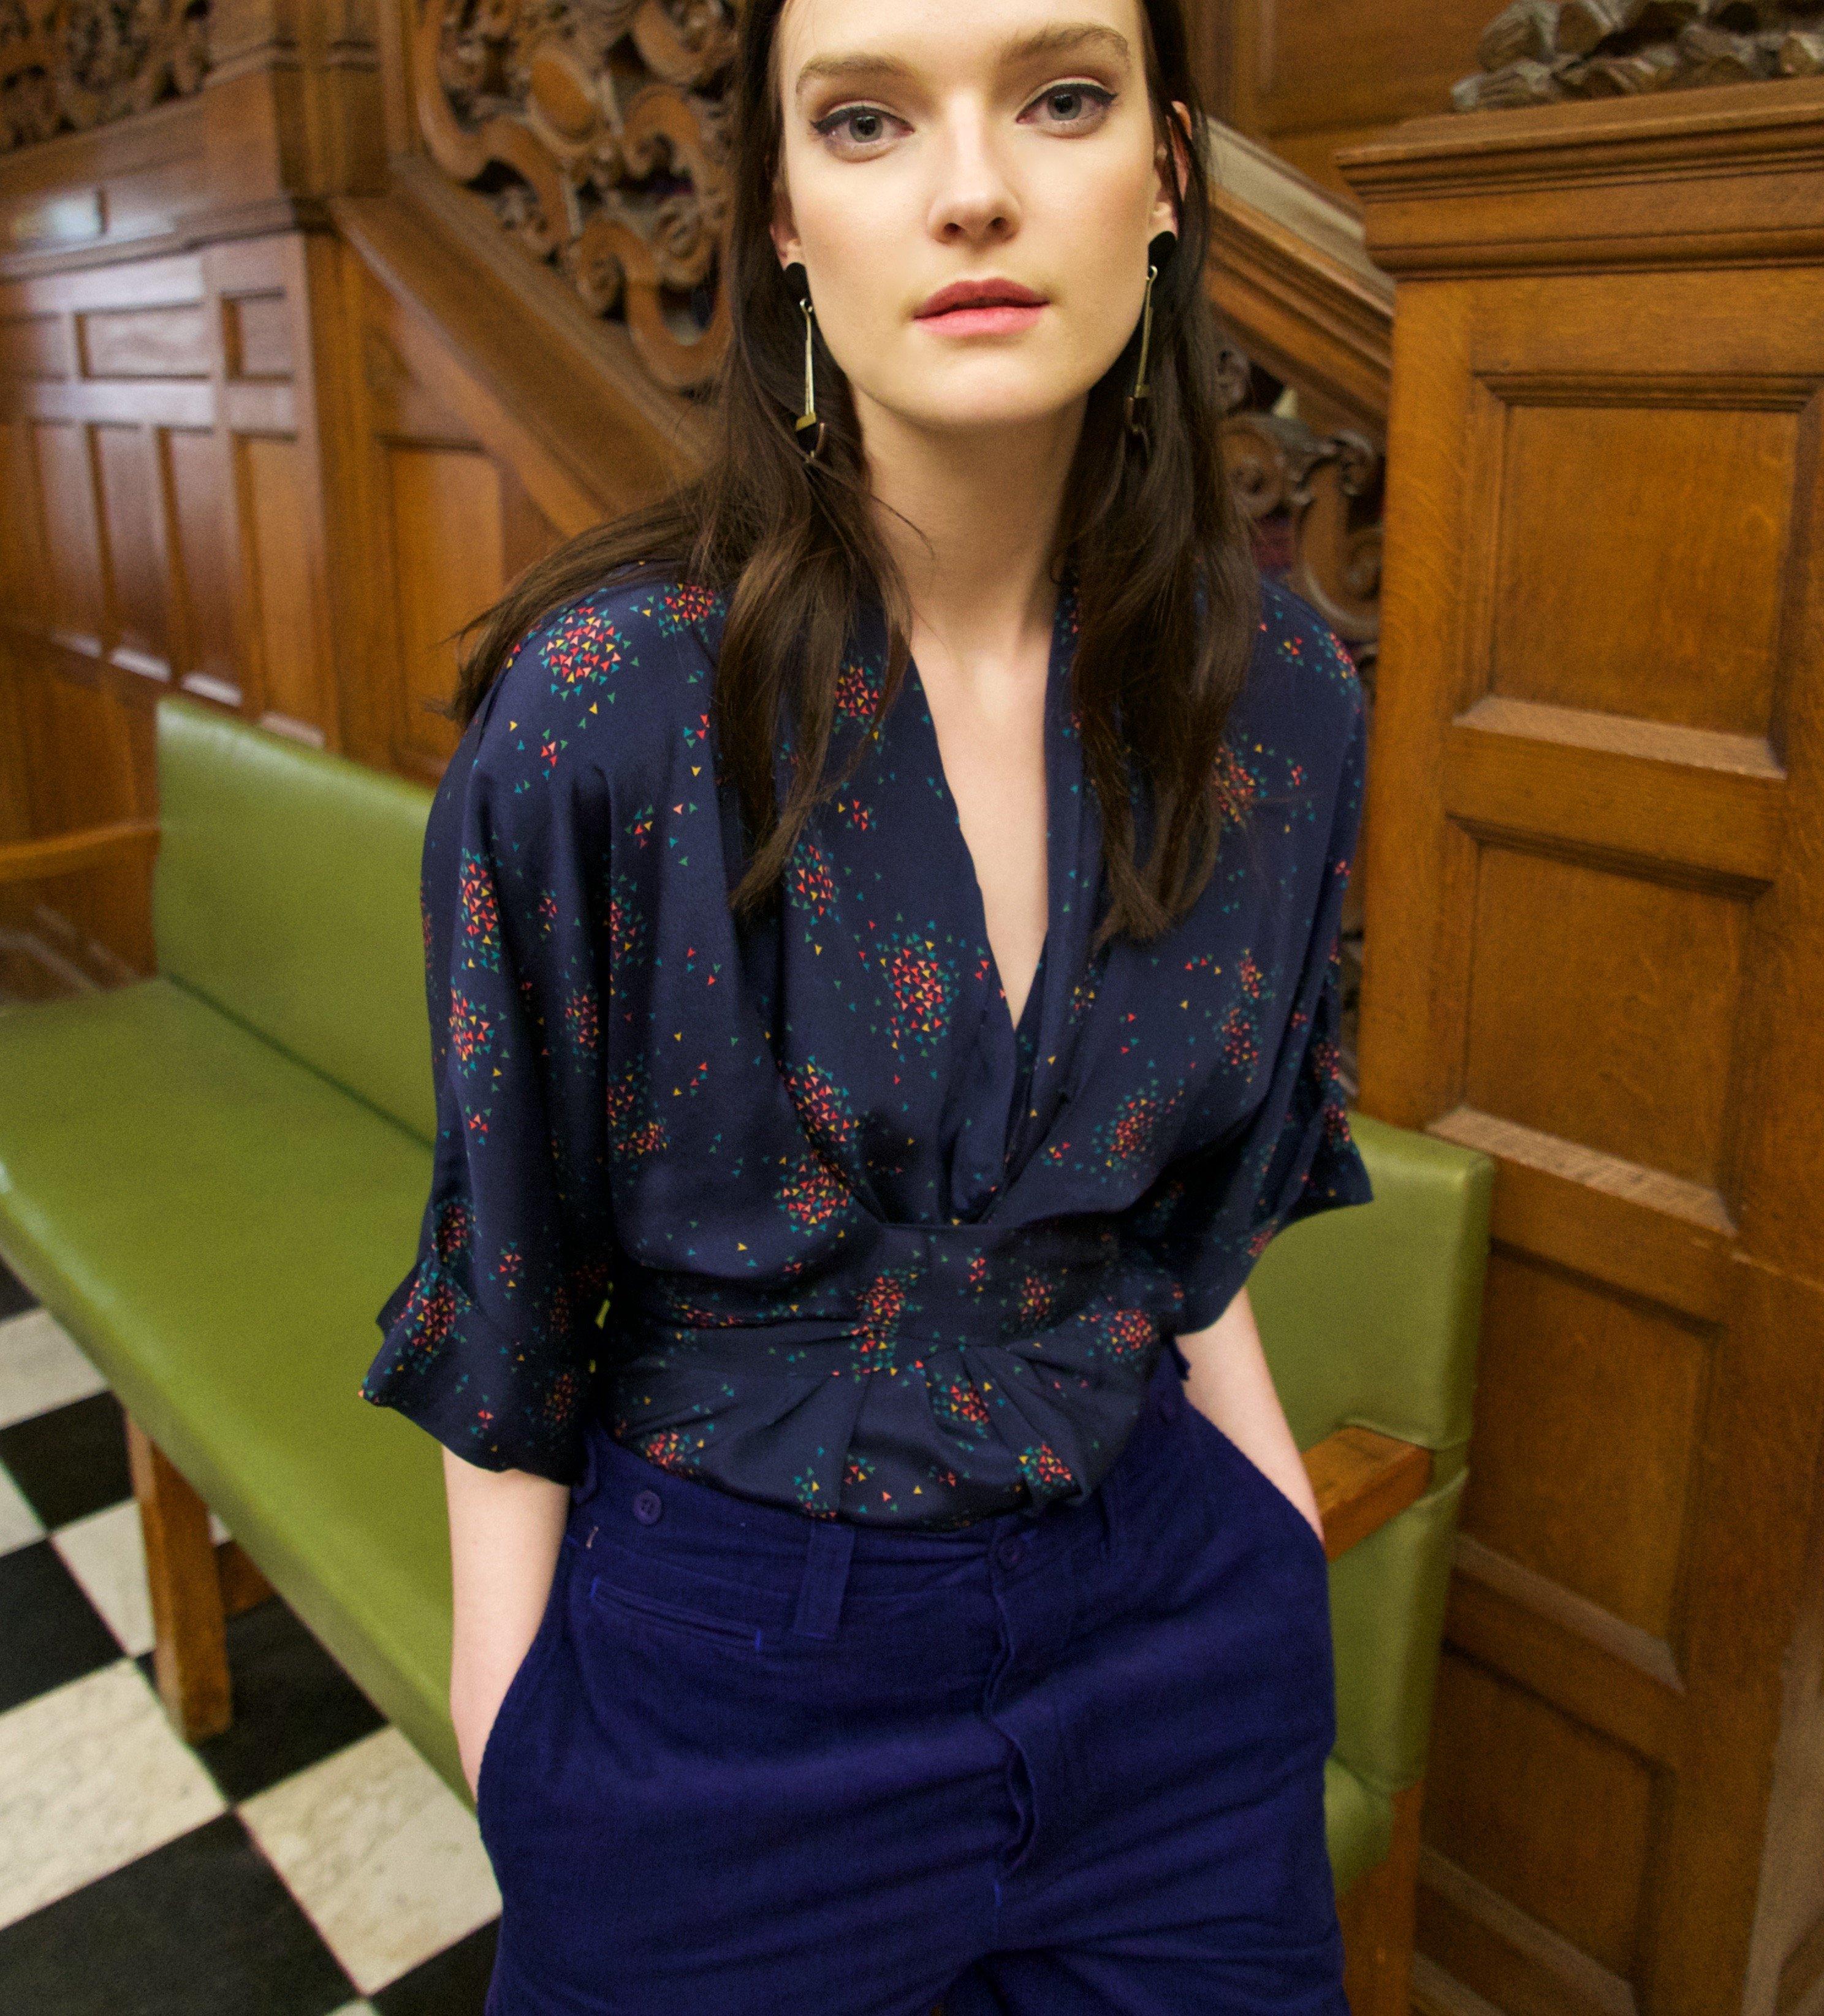 Gloria waisted blouse The Sky navy by Tallulah & Hope - 3